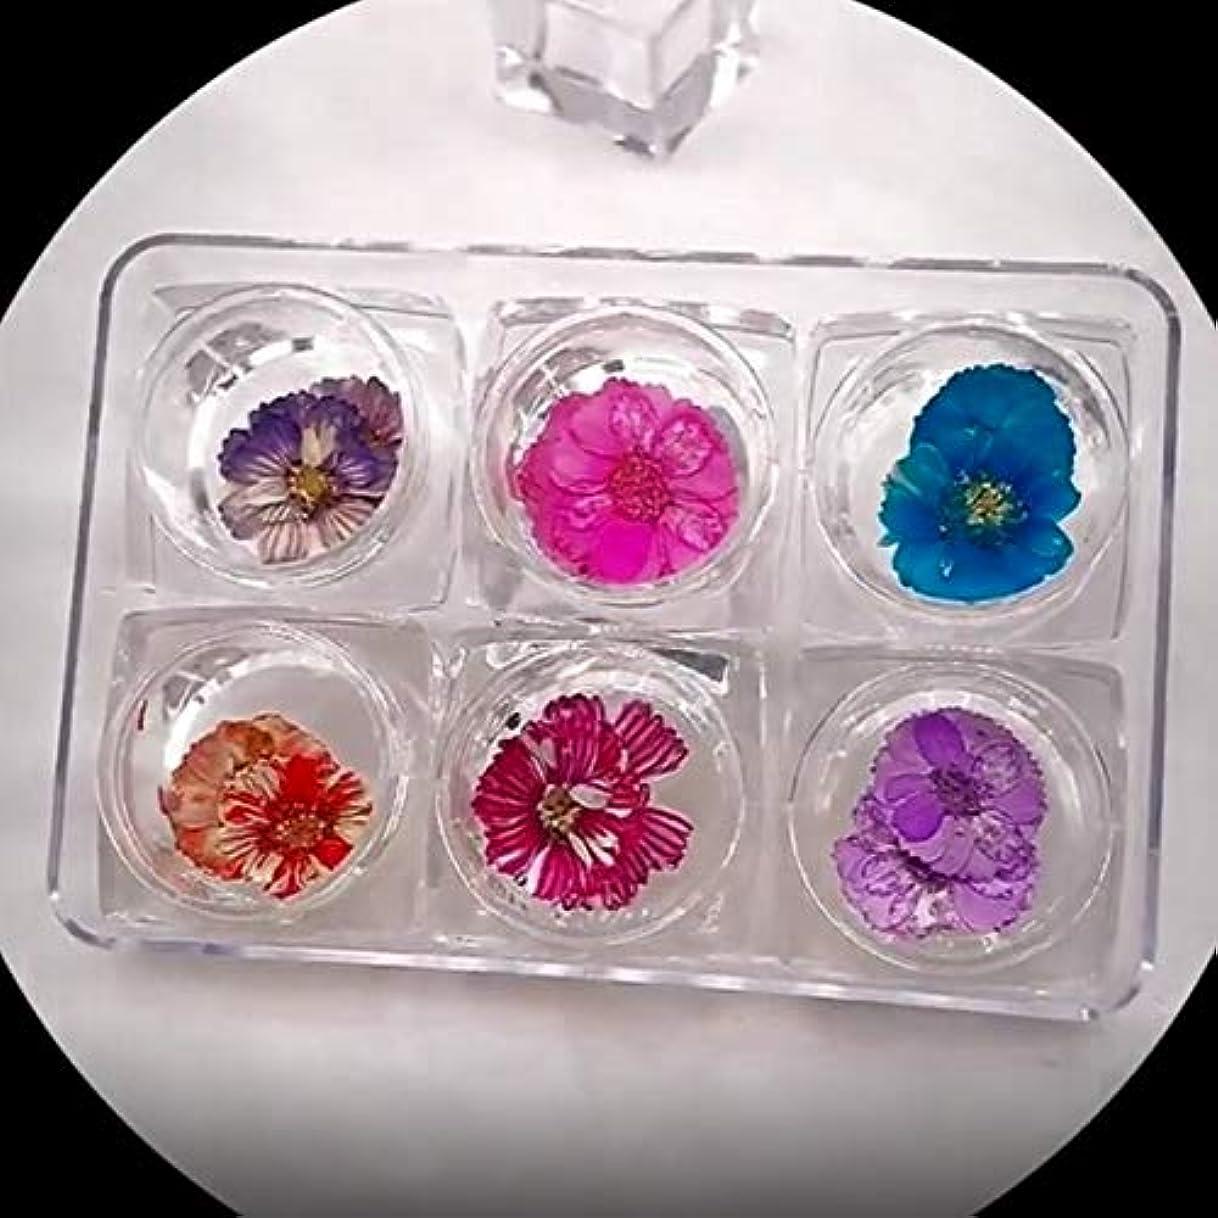 のれん管理します悪性のWadachikis 実用的な新しい6色ネイルアートアップリケジュエリーセット日本のドライフラワー花びら永遠の花の結晶装飾(None Picture Color)